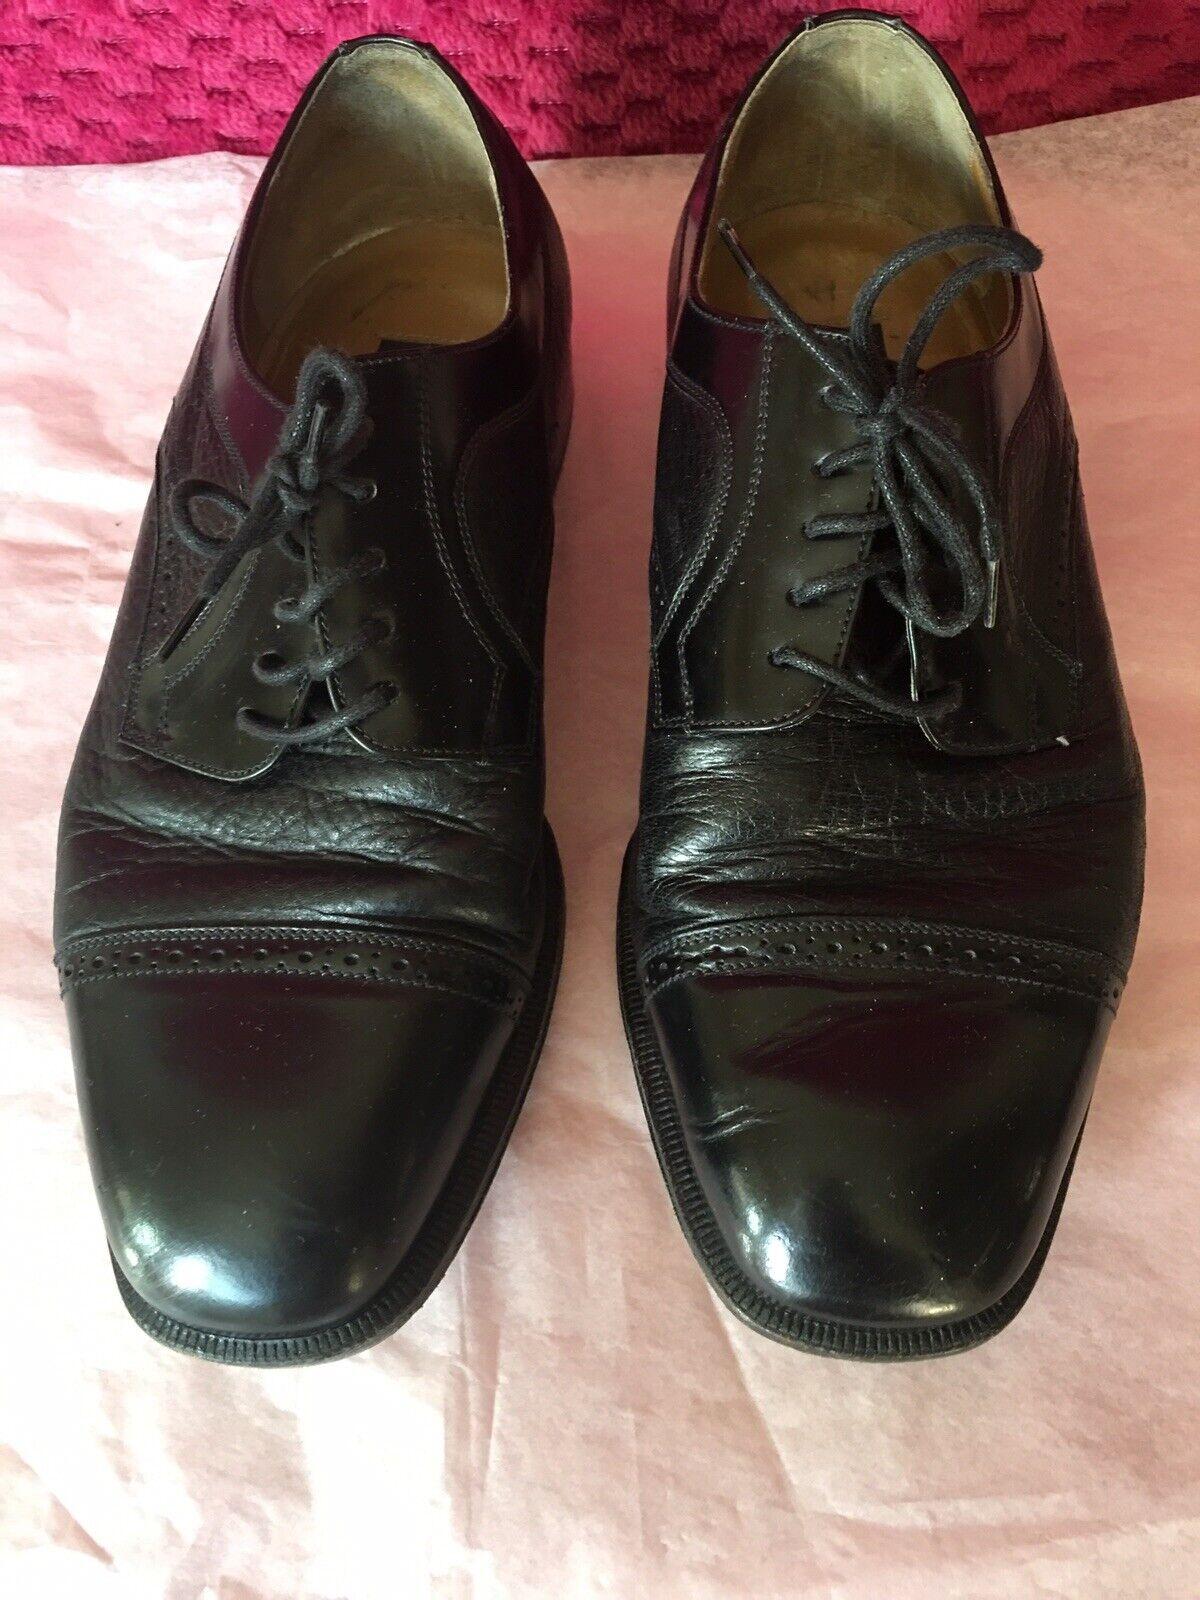 vendite dirette della fabbrica Stamati Mastroianni Uomo Italian nero Leather Leather Leather Dress scarpe Oxfords (Dimensione  8 W)  prendiamo i clienti come nostro dio